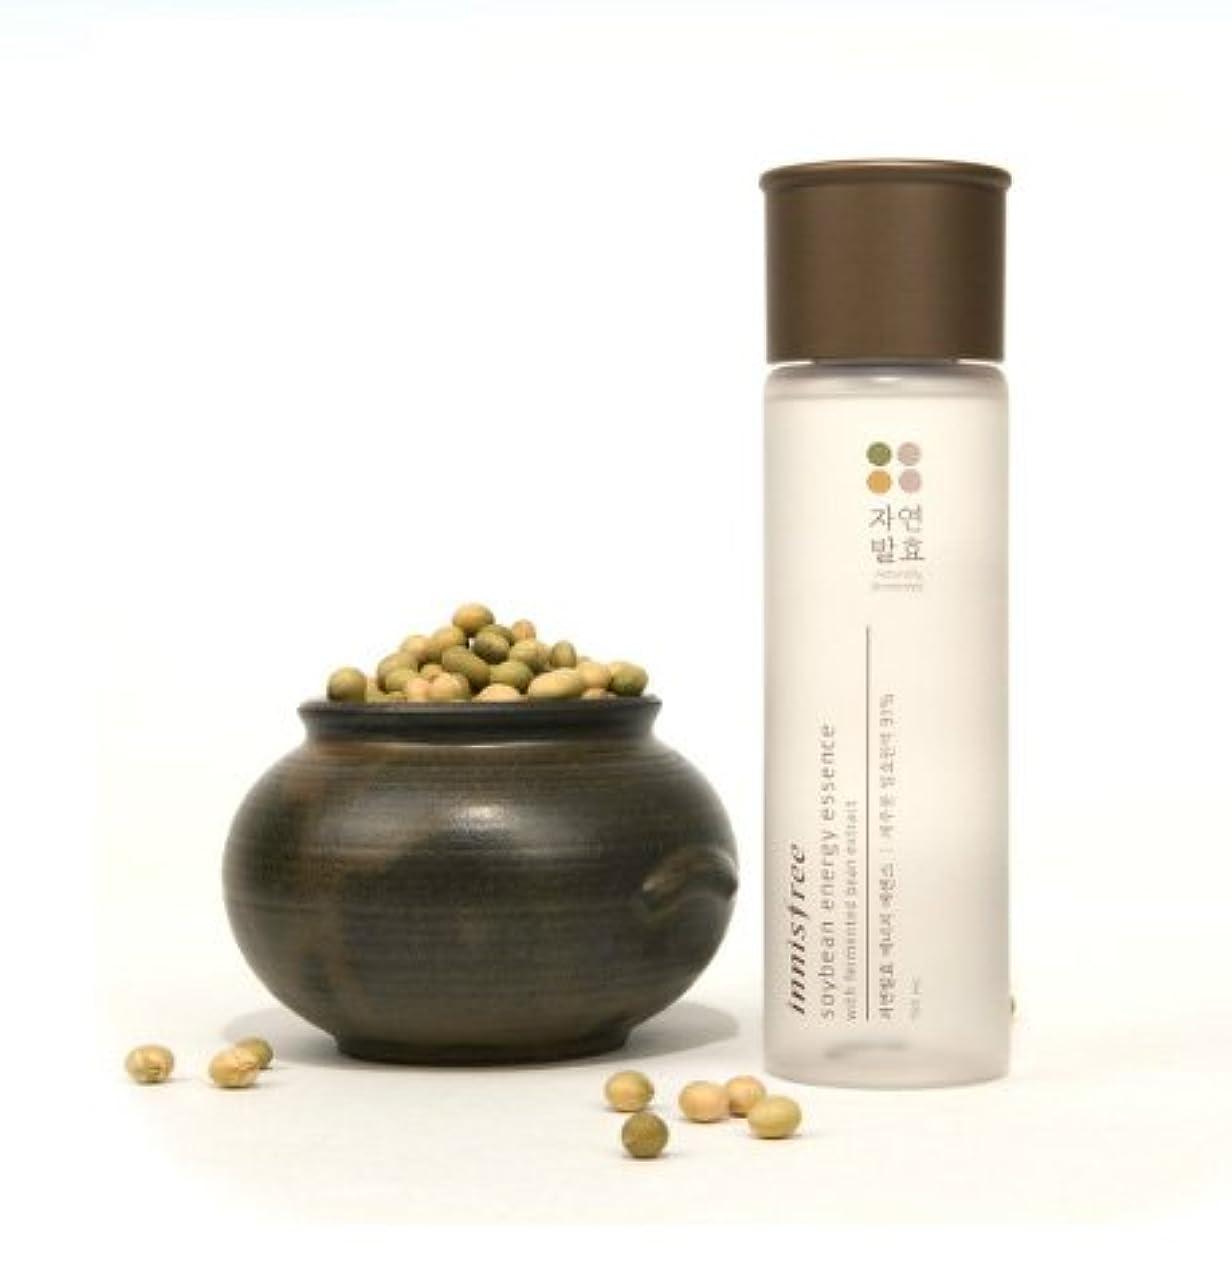 男与える罹患率(Innisfree イニスフリー) Soybean energy essence 自然発酵 エナジー エッセンス 美容液 肌のバリア機能を強化し、健やかでパワーあふれる肌へ導くトータルケアブースター美容液